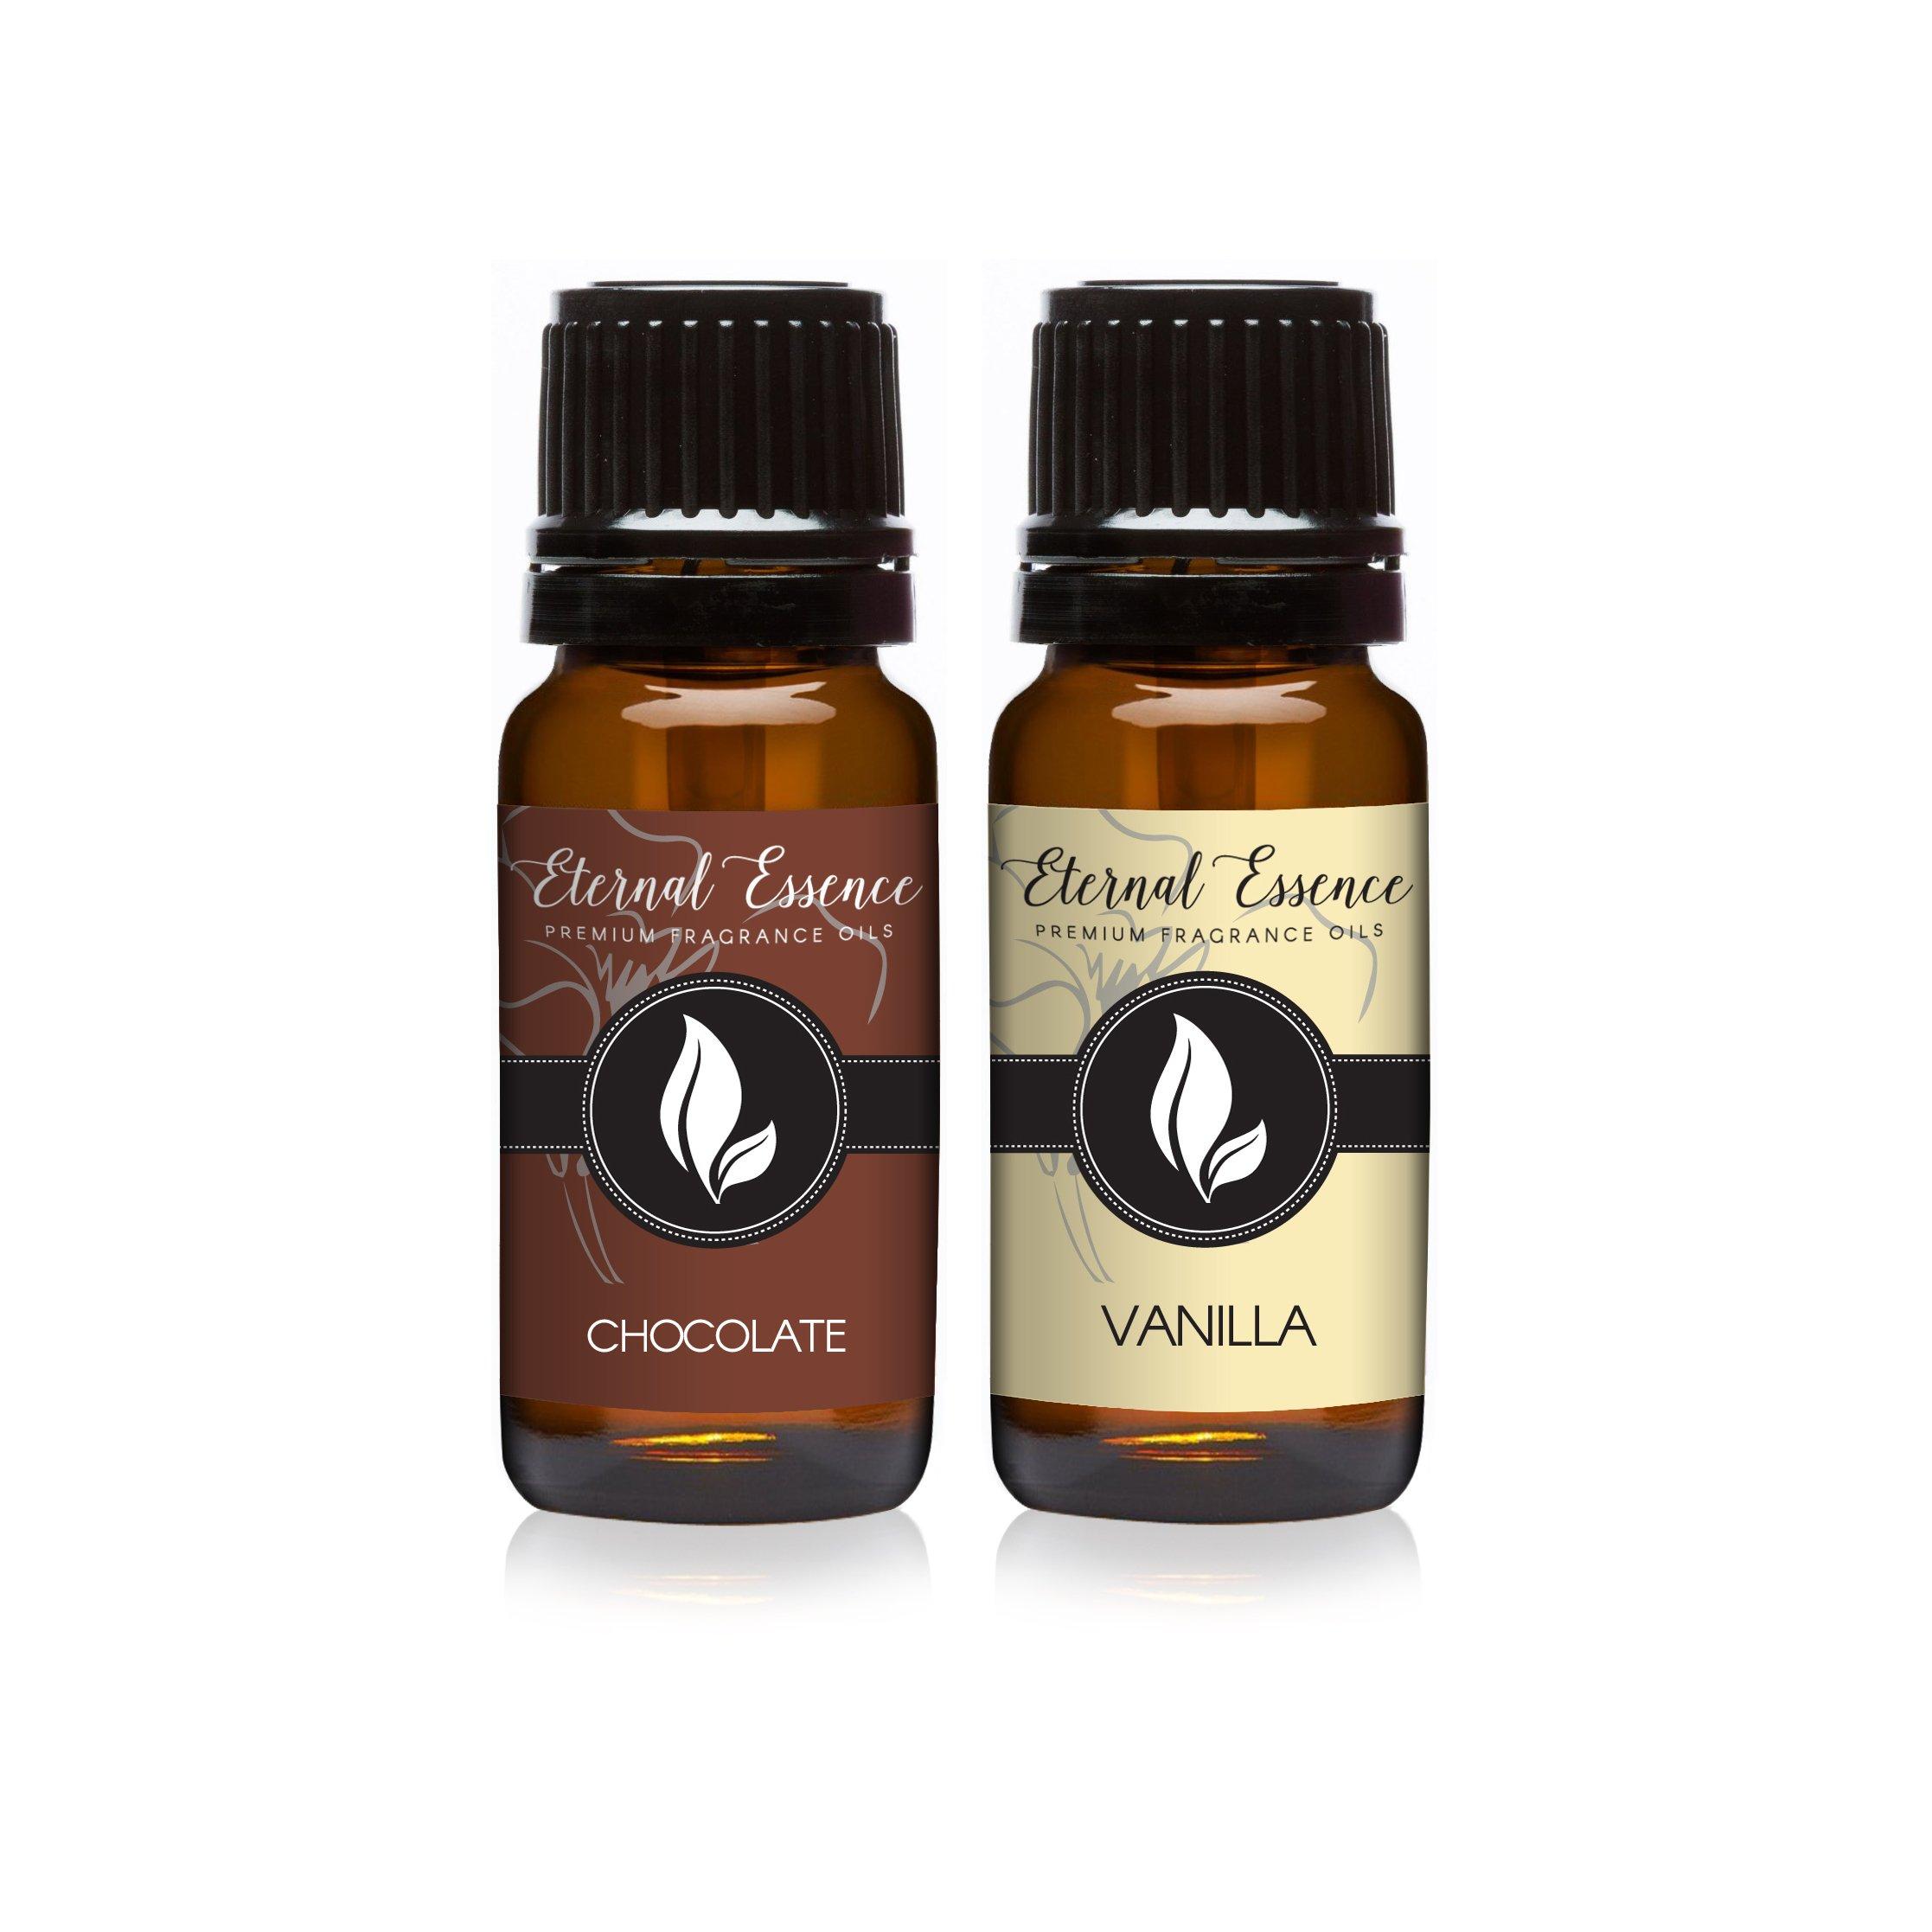 Pair (2) - Chocolate & Vanilla - Premium Fragrance Oil Pair - 10ml